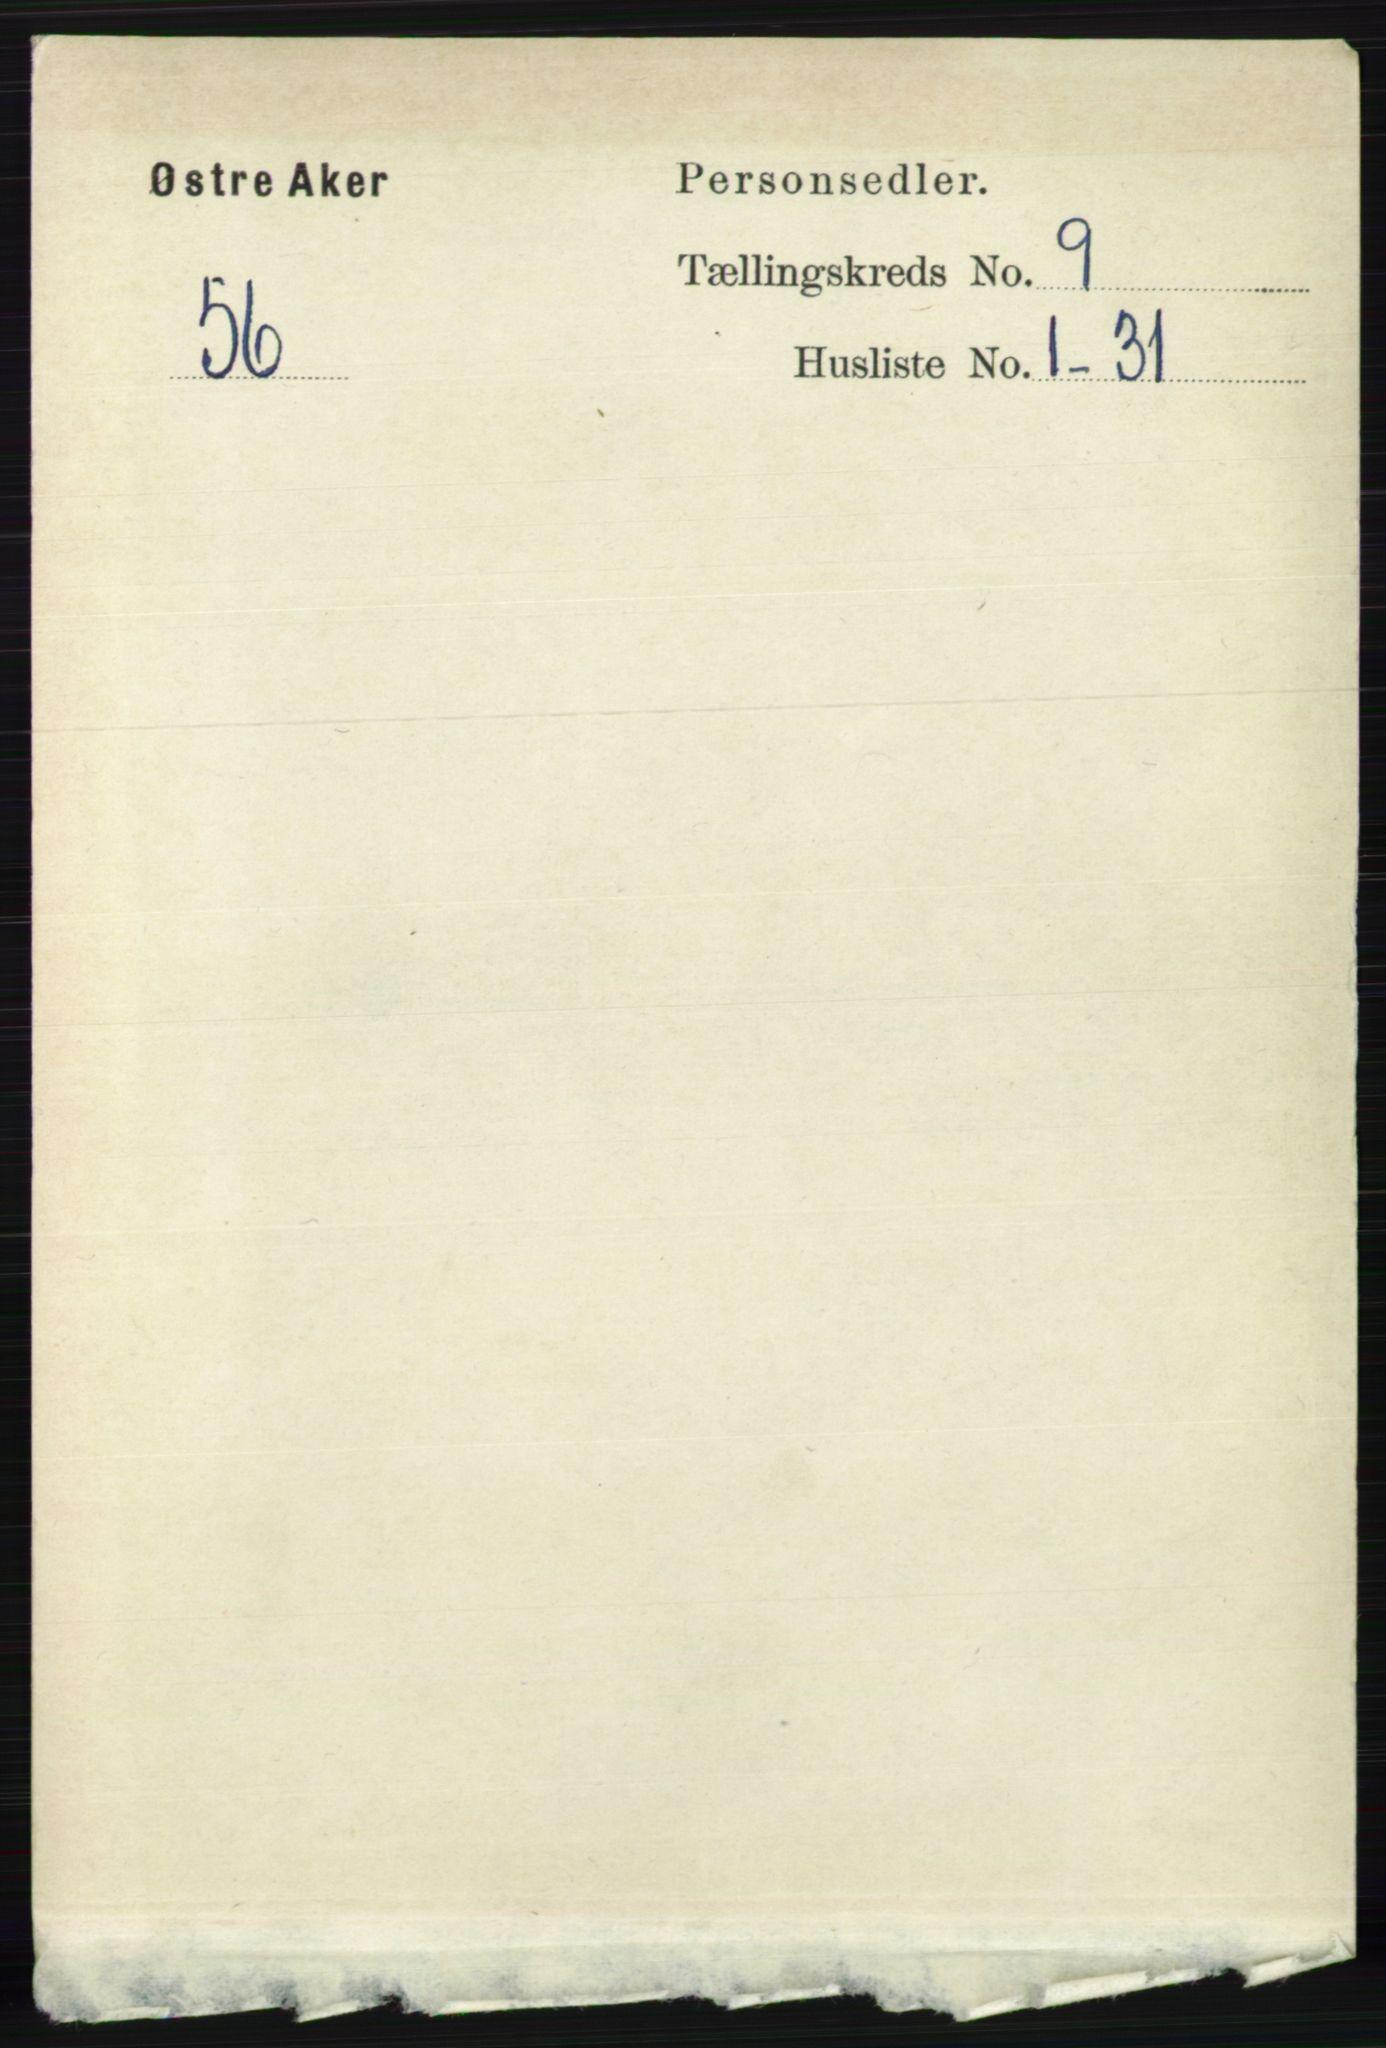 RA, Folketelling 1891 for 0218 Aker herred, 1891, s. 8366